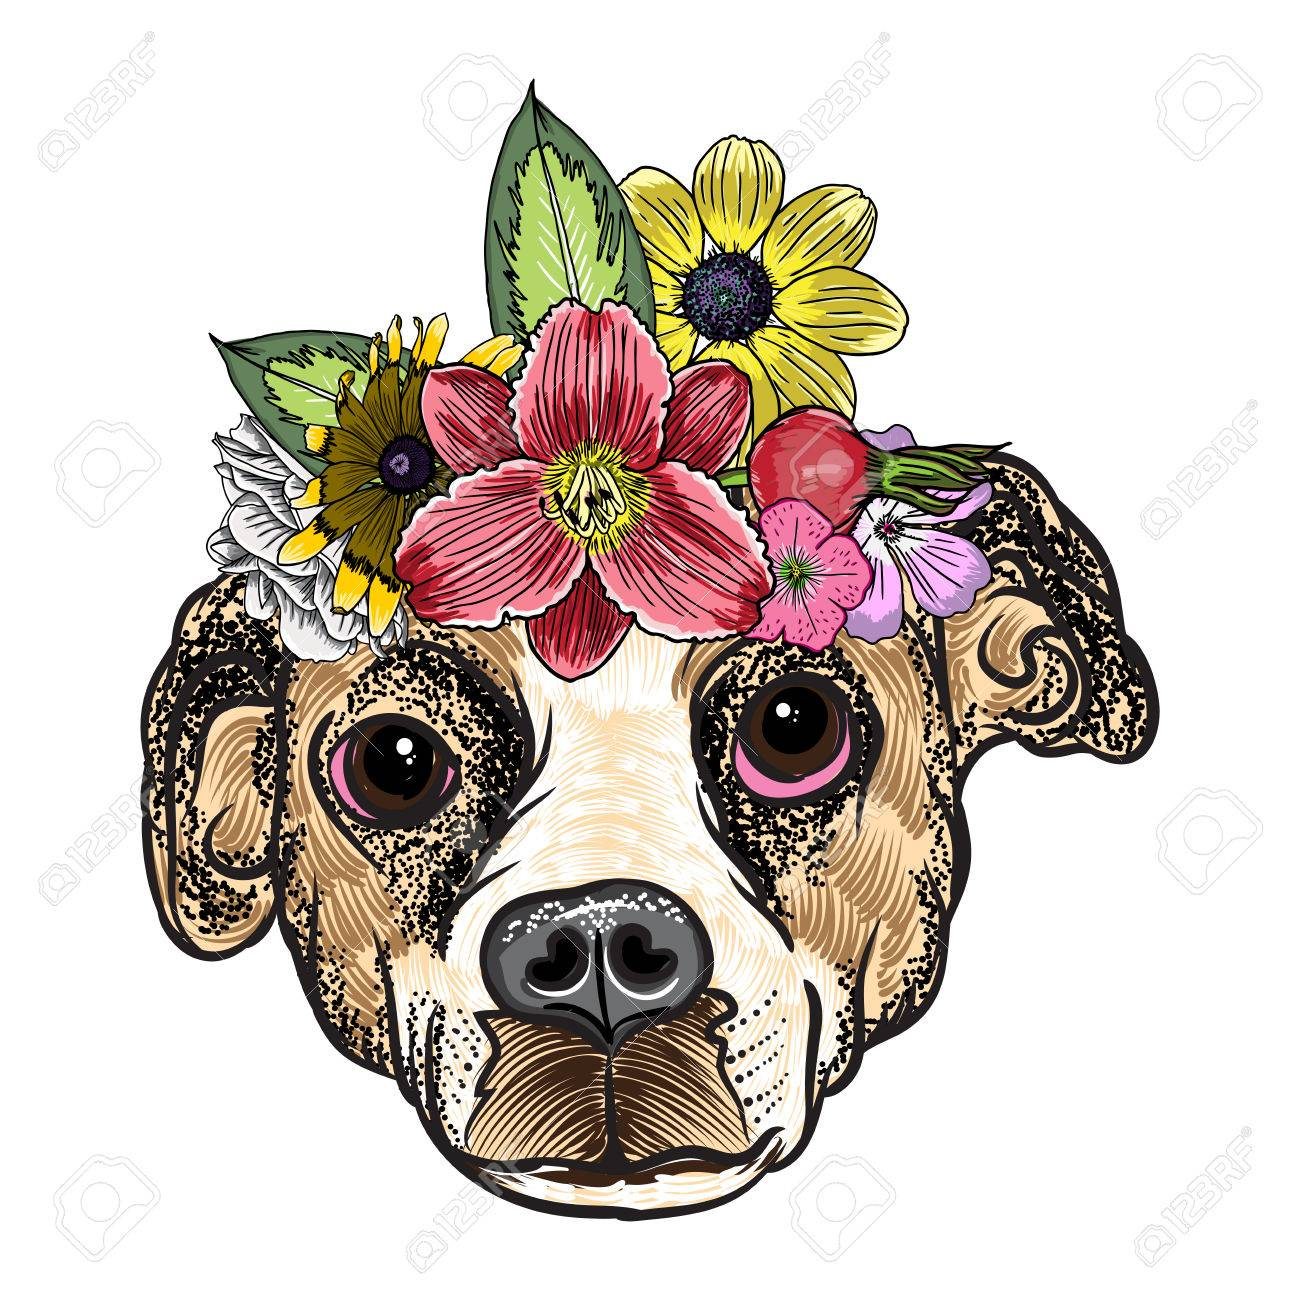 Cachorro De Beagle En La Corona De Corona De Flores Rosas Exóticas